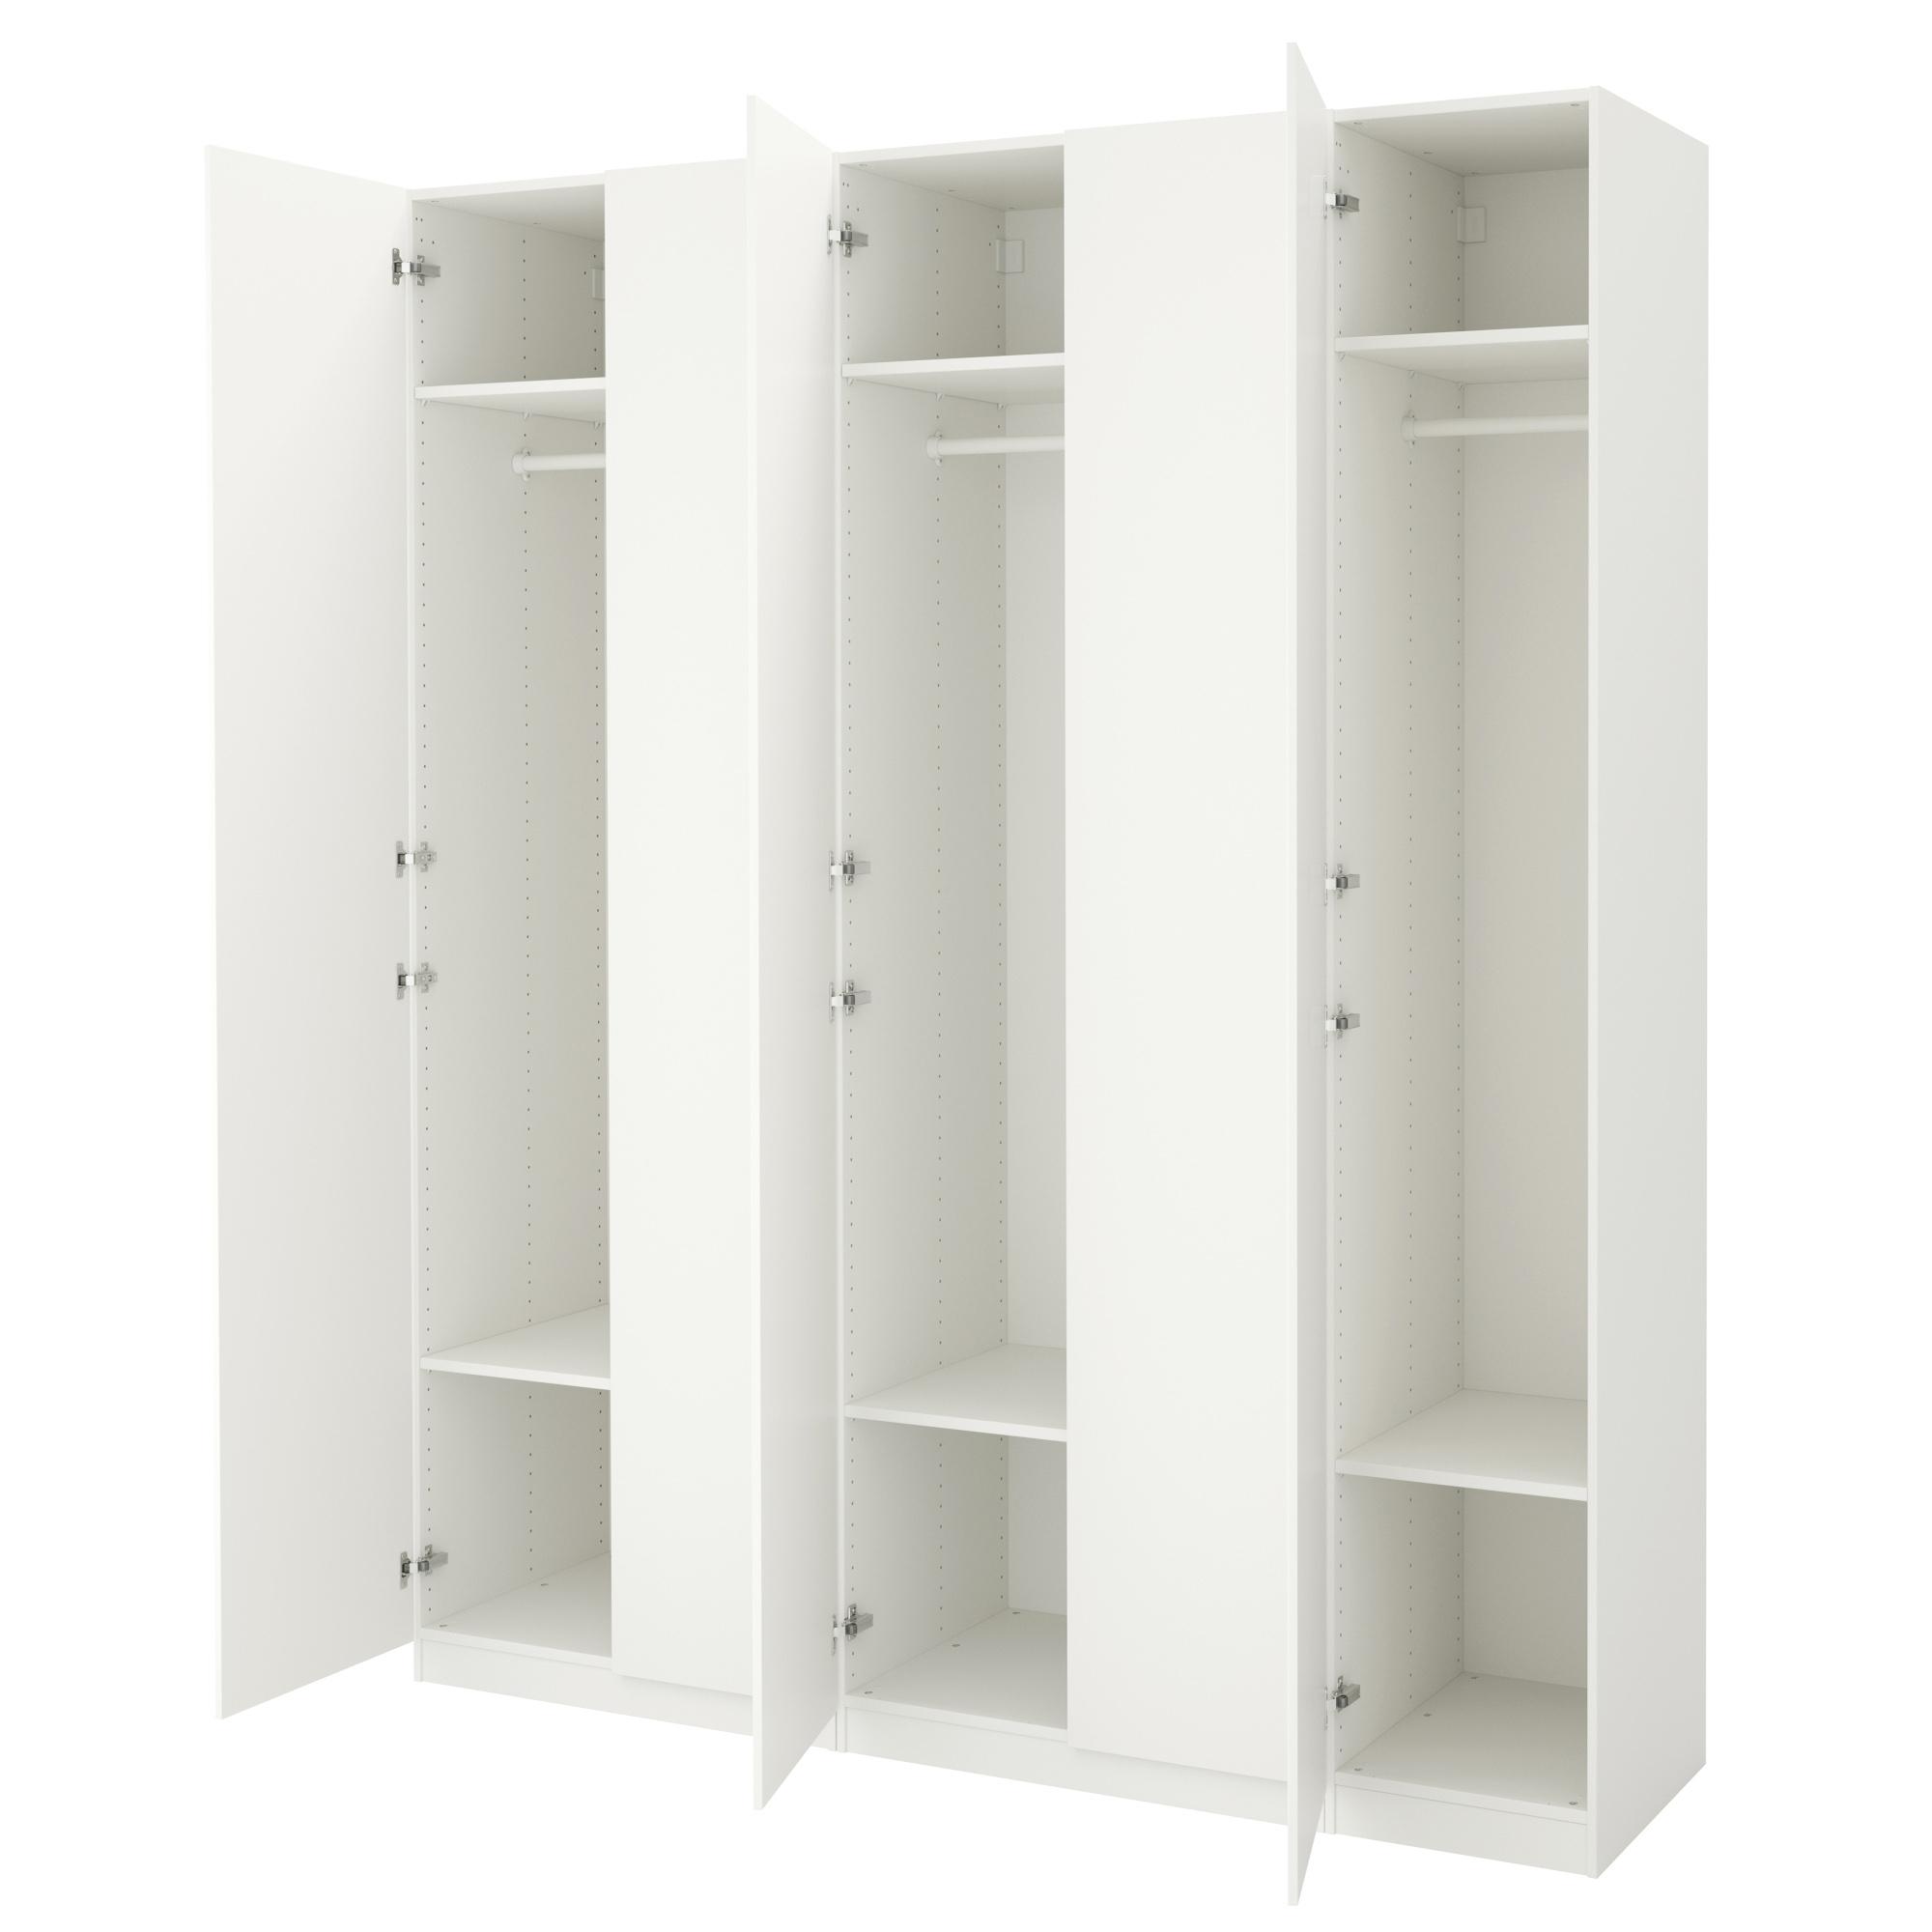 Armario ikea armario alto fondo 40 decoraci n de - Ikea catalogo armarios modulares ...